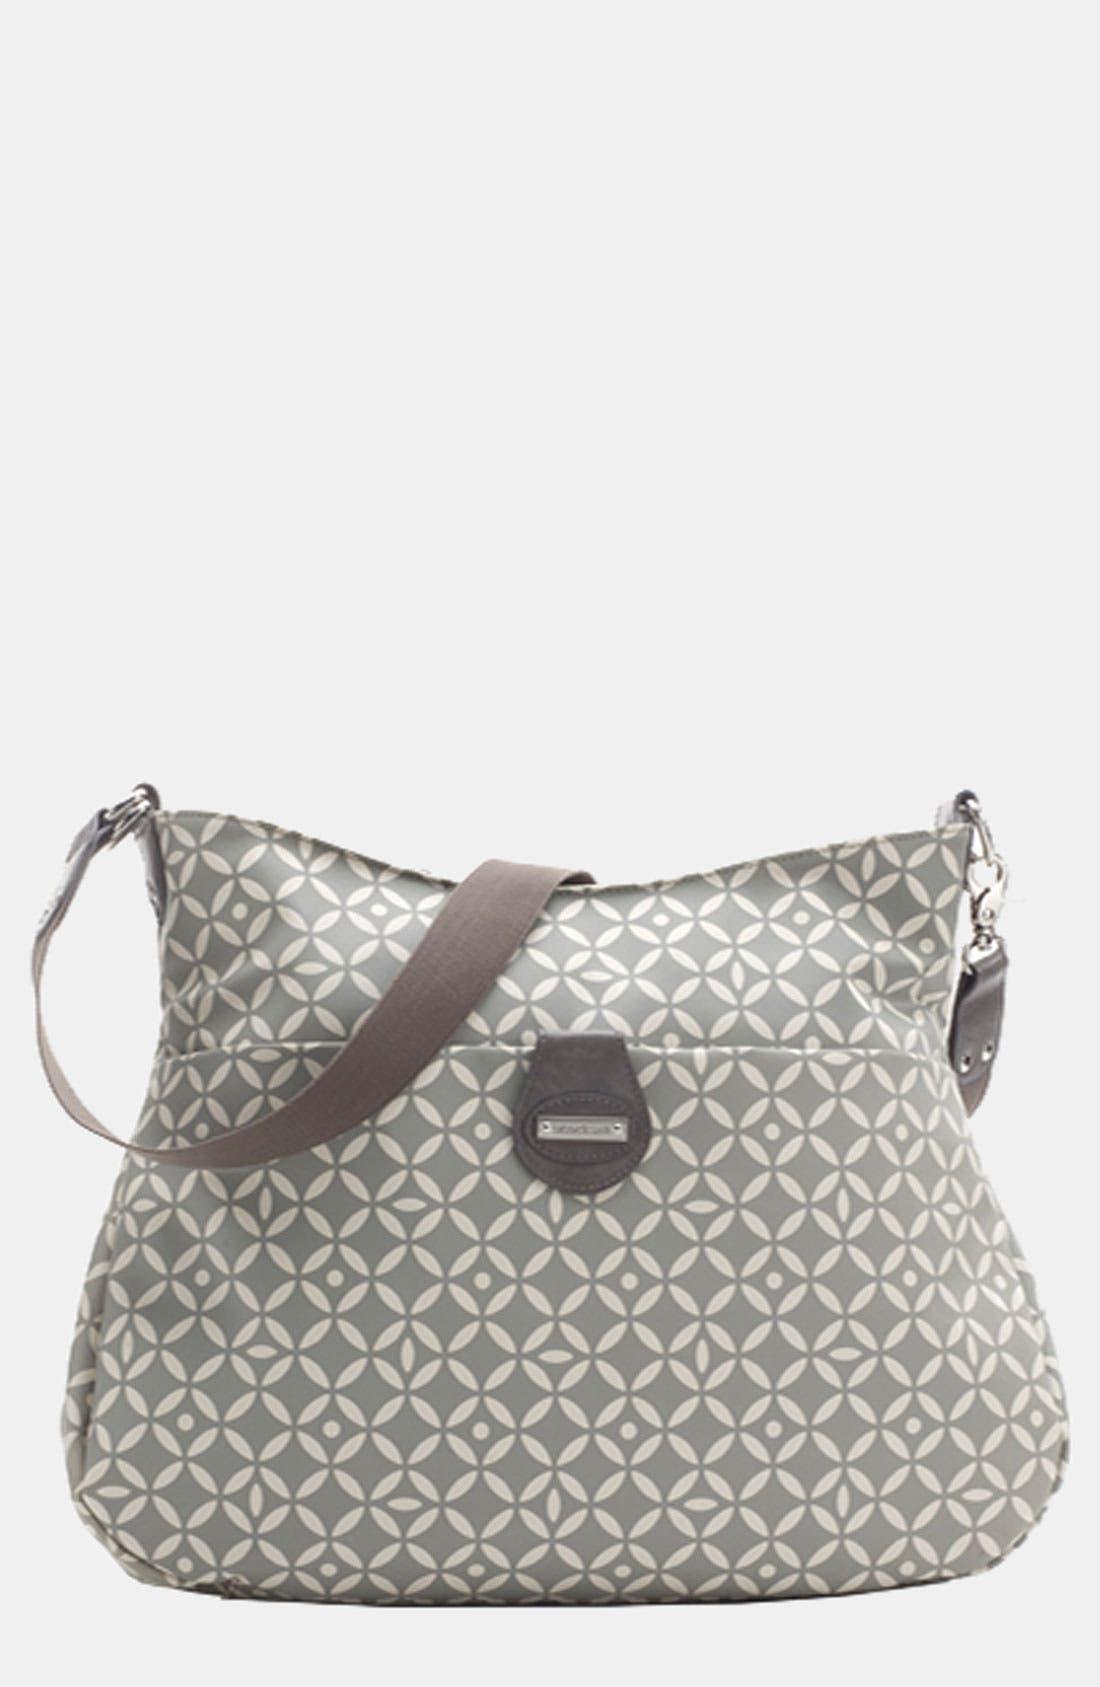 Alternate Image 1 Selected - Storksak 'Nina' Diaper Bag